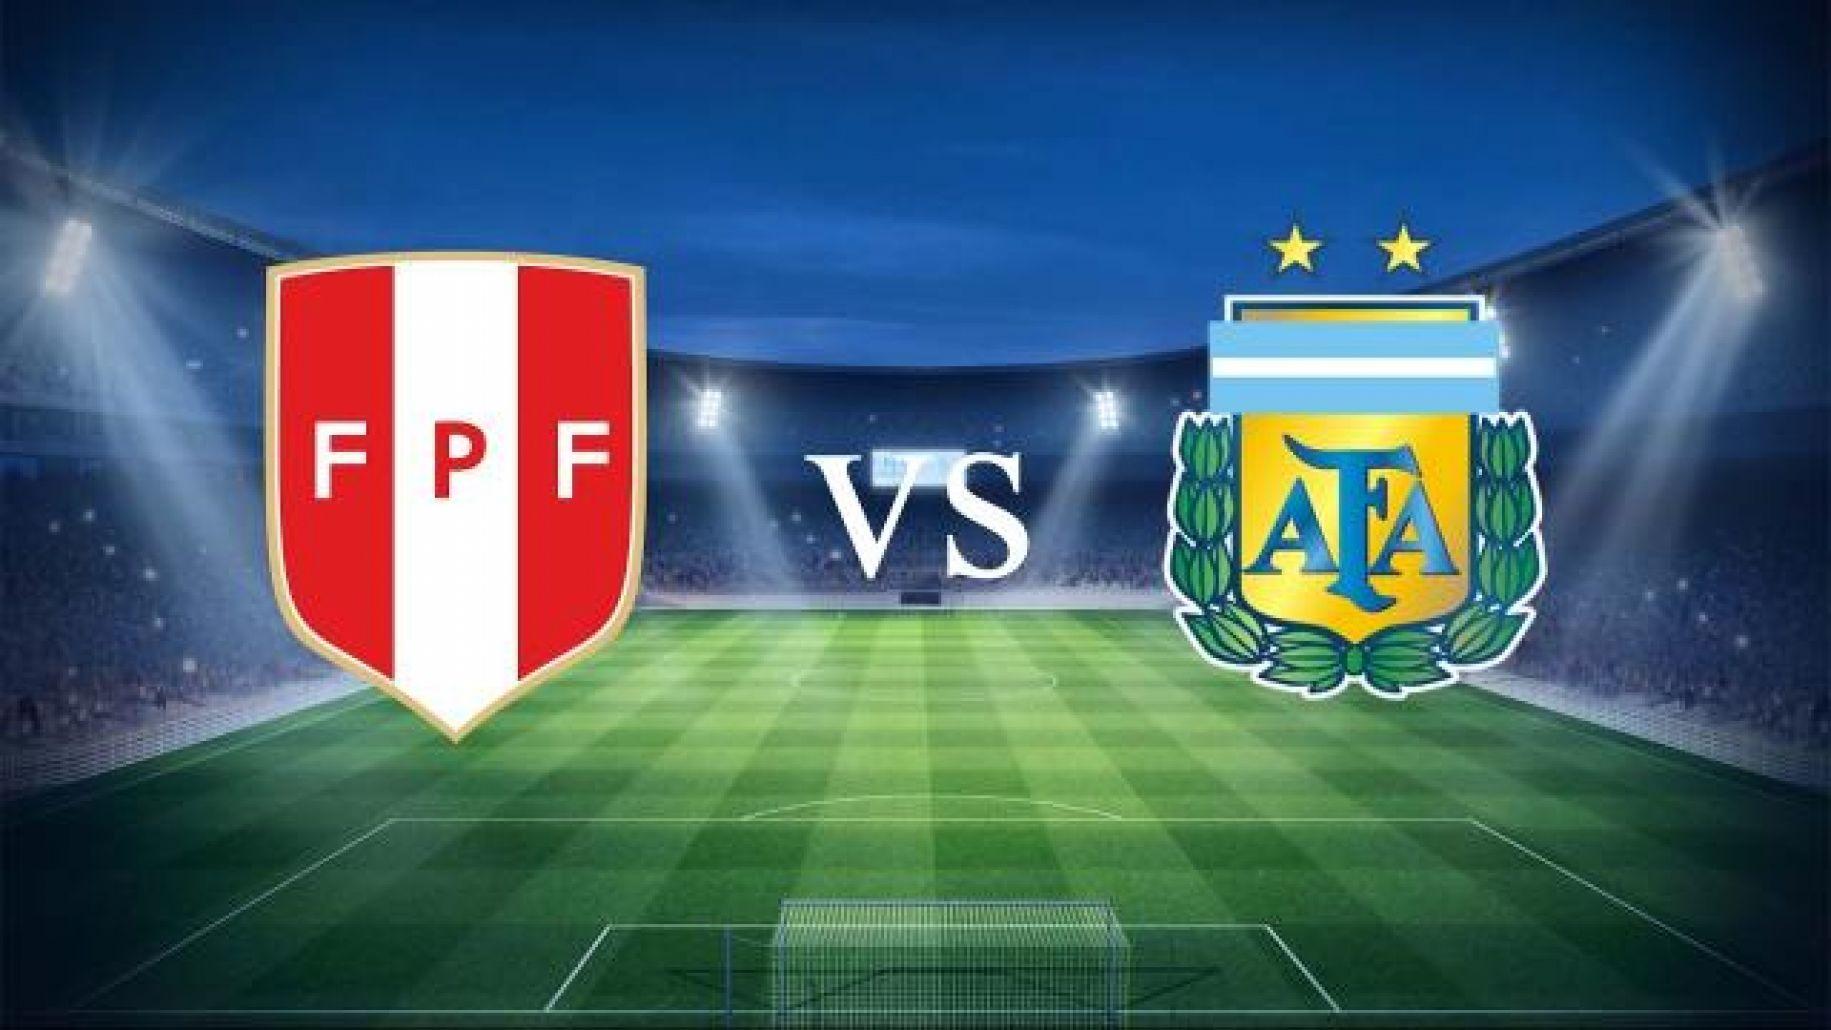 مشاهدة مباراة الارجنتين وبيرو بث مباشر اليوم 15-10-2021 تصفيات كأس العالم موقع عالم الكورة